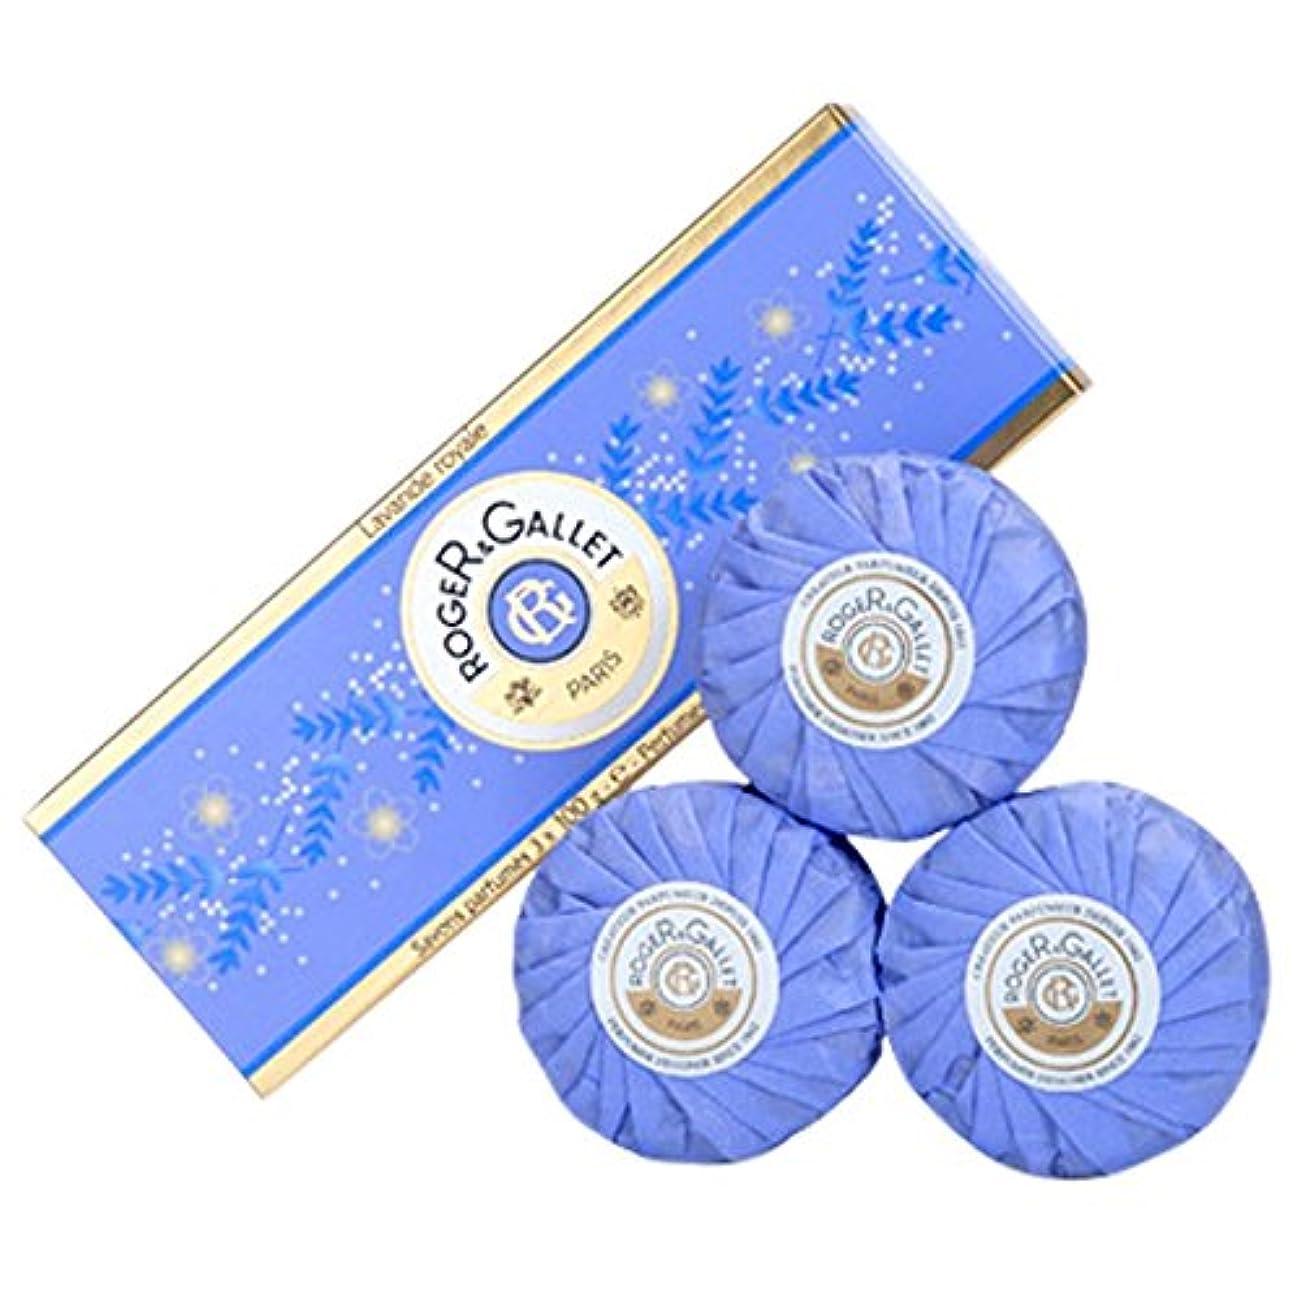 有用嫌悪慣性ロジャー&Galletのラバンデロワイヤルソープコフレ3つのX 100グラム (Roger & Gallet) (x6) - Roger & Gallet Lavande Royale Soap Coffret 3 x...